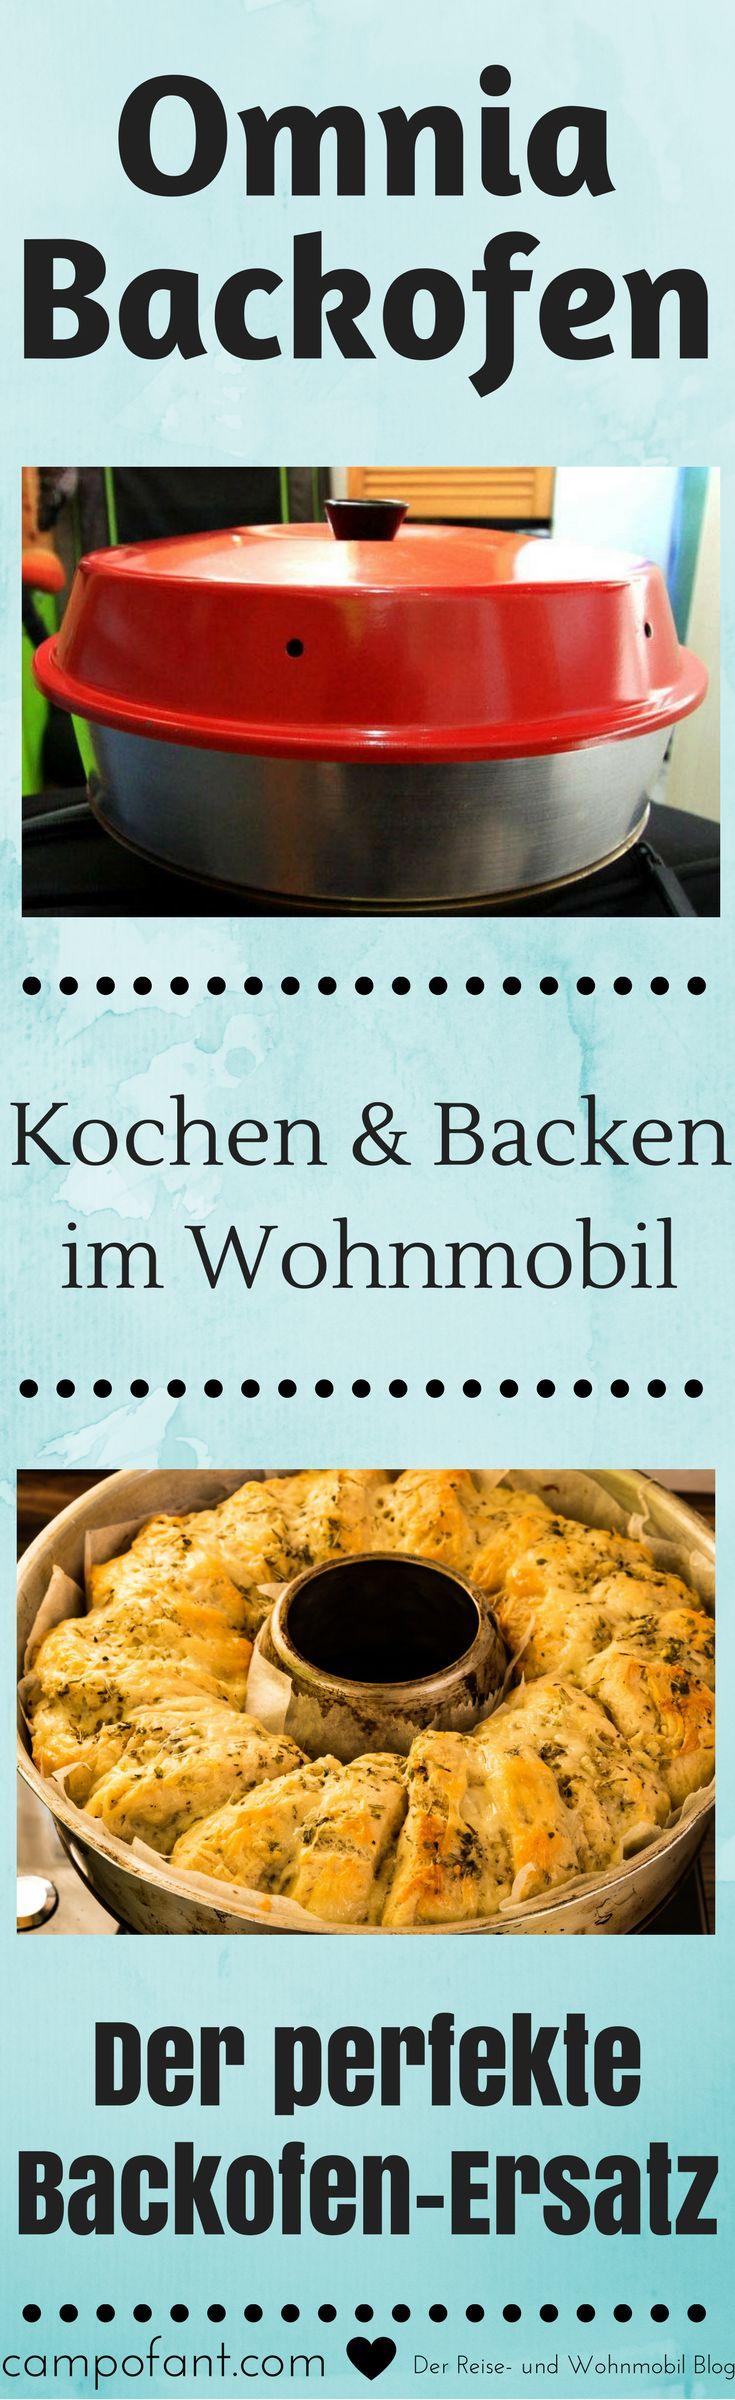 Omnia Backofen: Infos, Rezepte und kostenloses Kochbuch